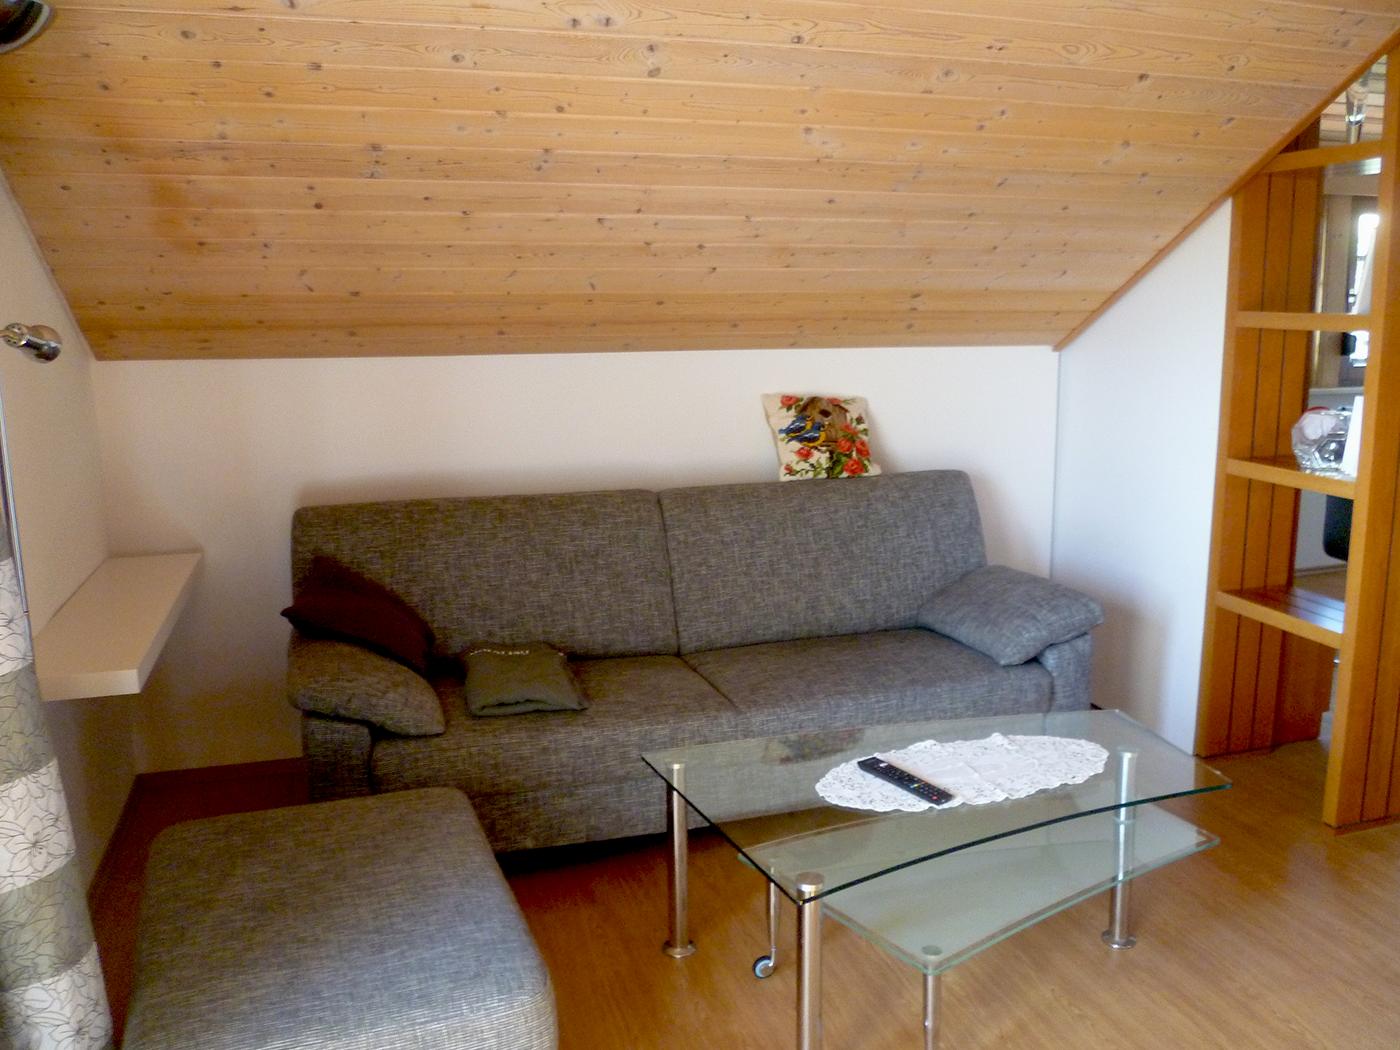 Ferienwohnung Familie Mayer, Bretzfeld, Hohenlohe